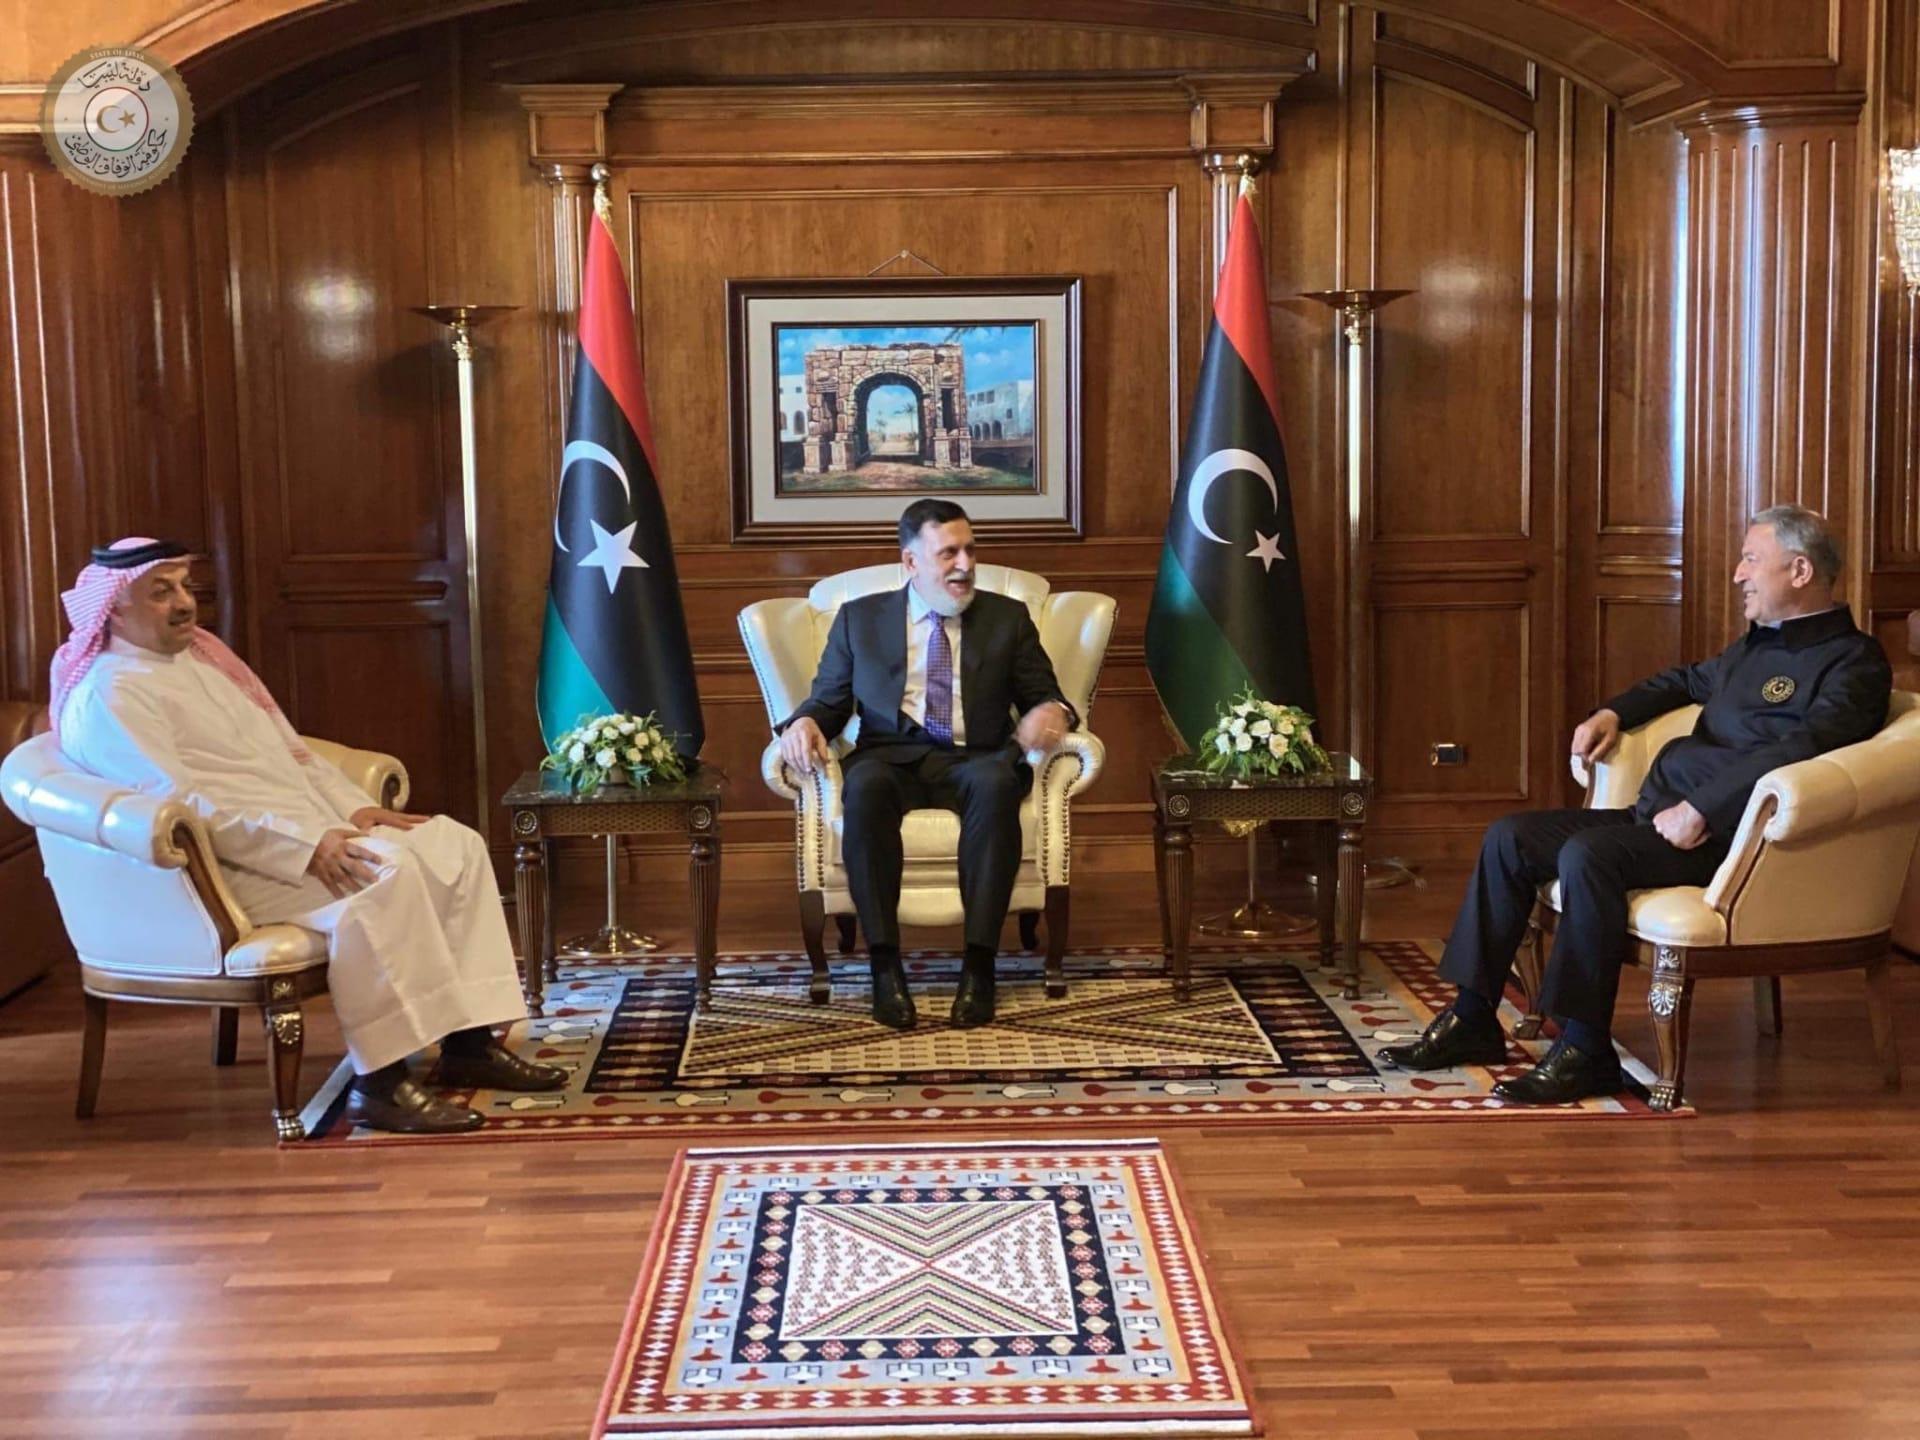 تعاون ثلاثي لتقديم دعم تركي وقطري لحكومة الوفاق الليبية في بناء الجيش